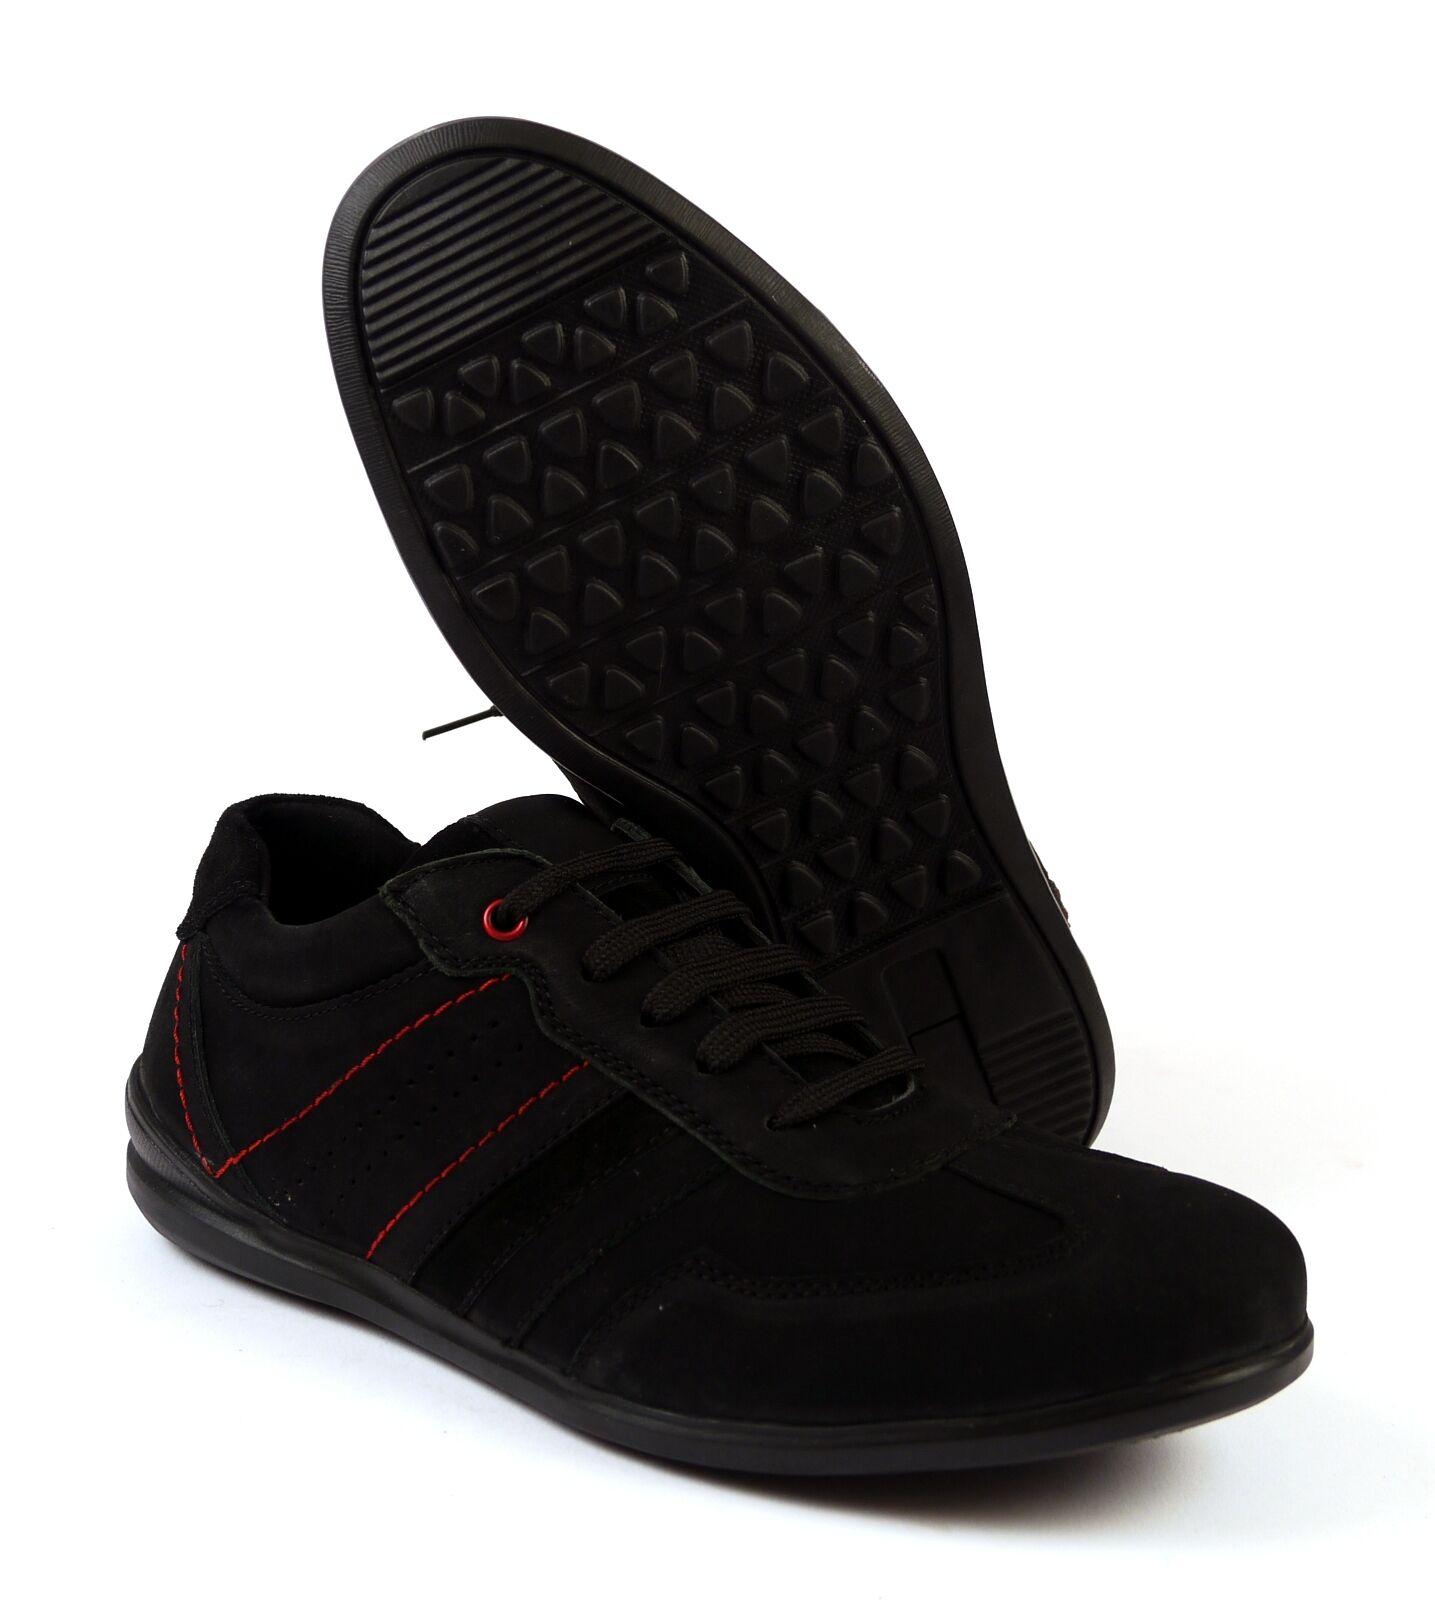 BULLDOZER 52029 sneaker in pelle uomo tgl 41 45 Nero NUOVO Scarpe classiche da uomo